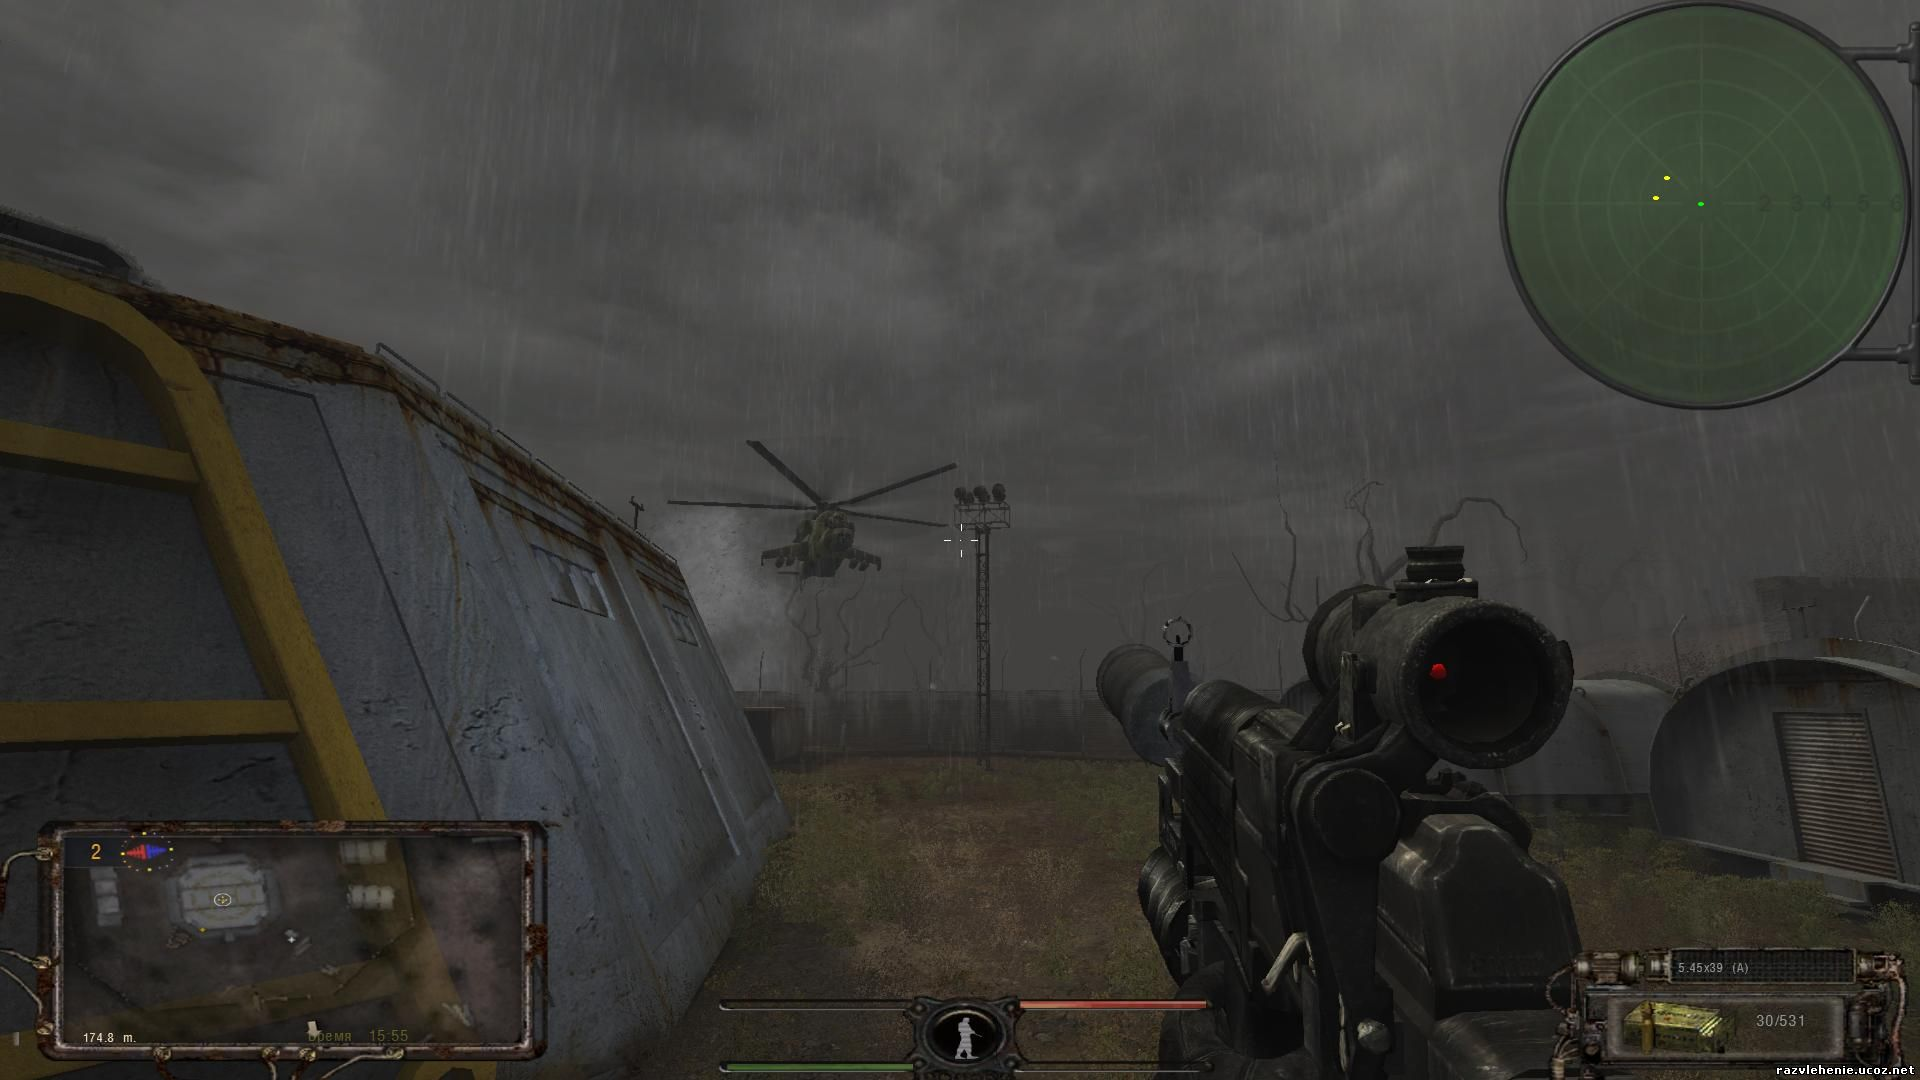 Скачать мод оружия сталкер тень чернобыля